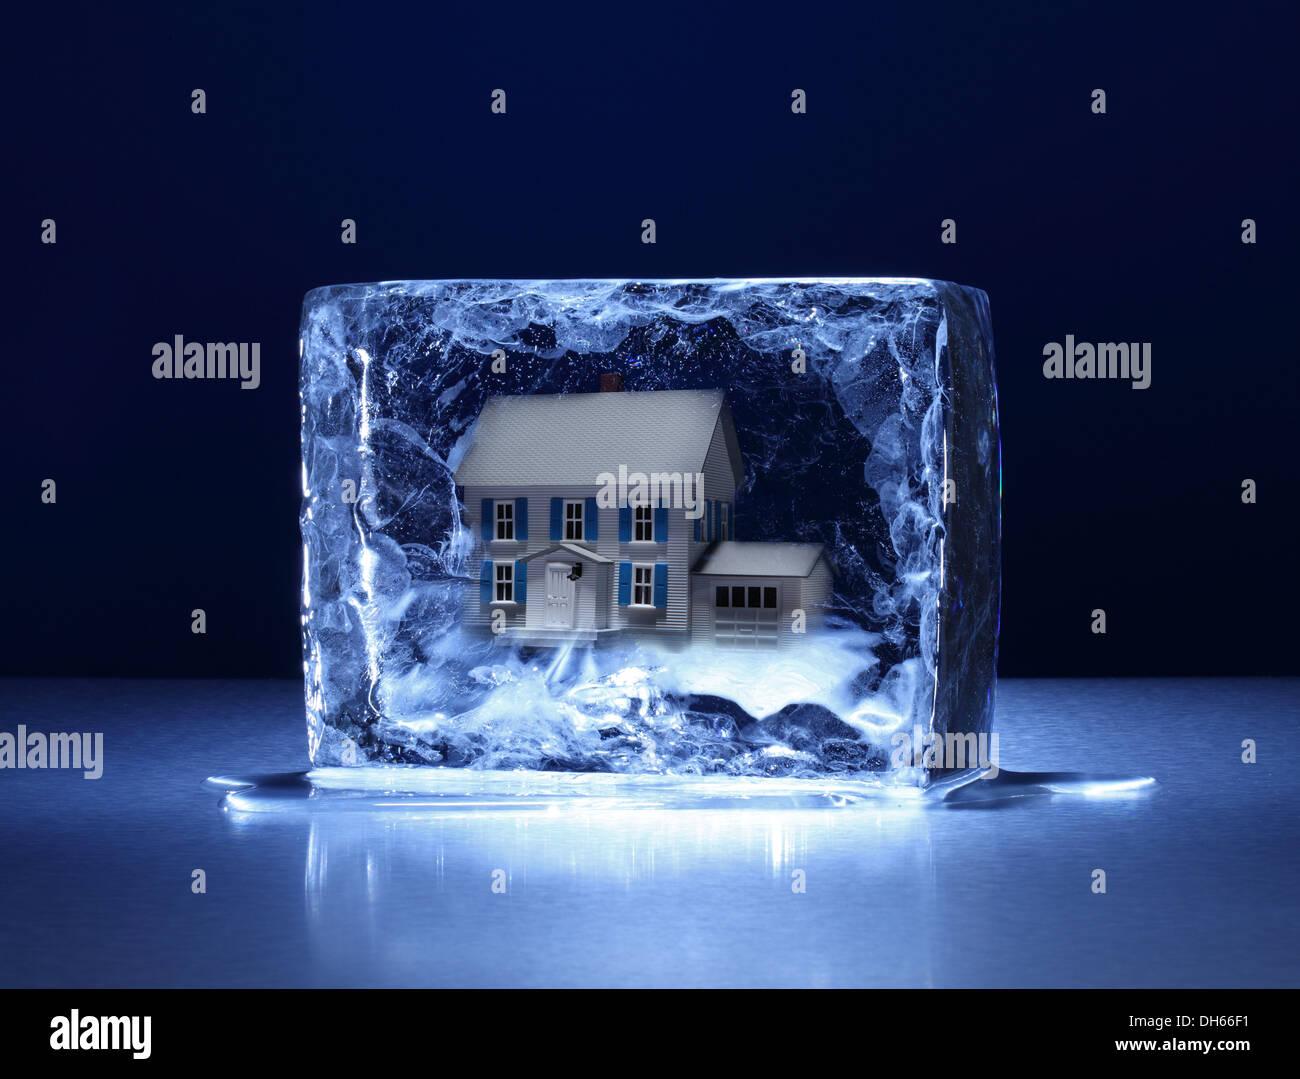 Un modèle chambre congelé dans un bloc de glace claire Photo Stock